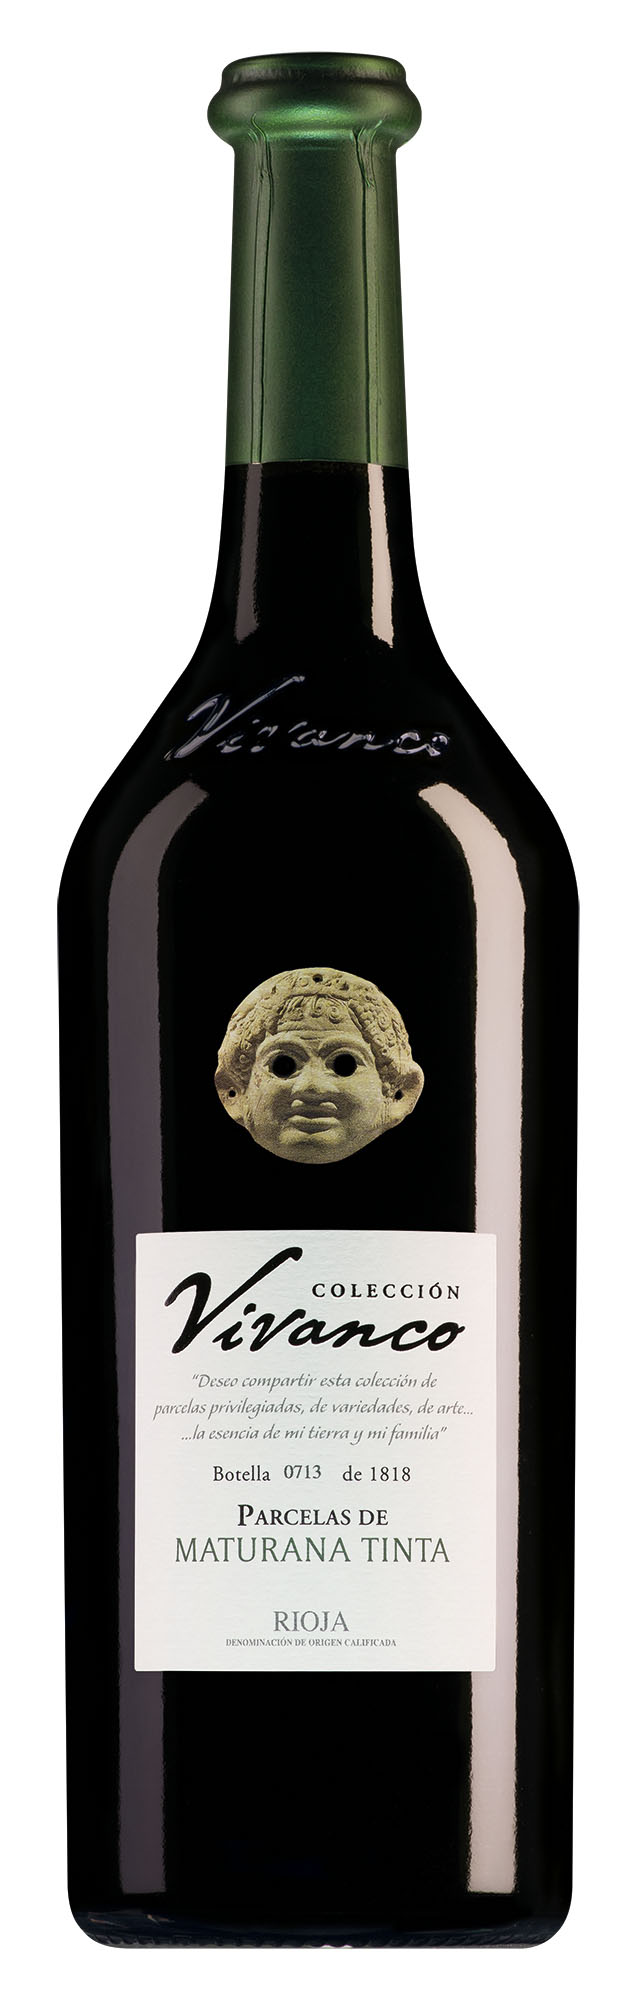 Vivanco Rioja Colección Parcelas de Maturana Tinta